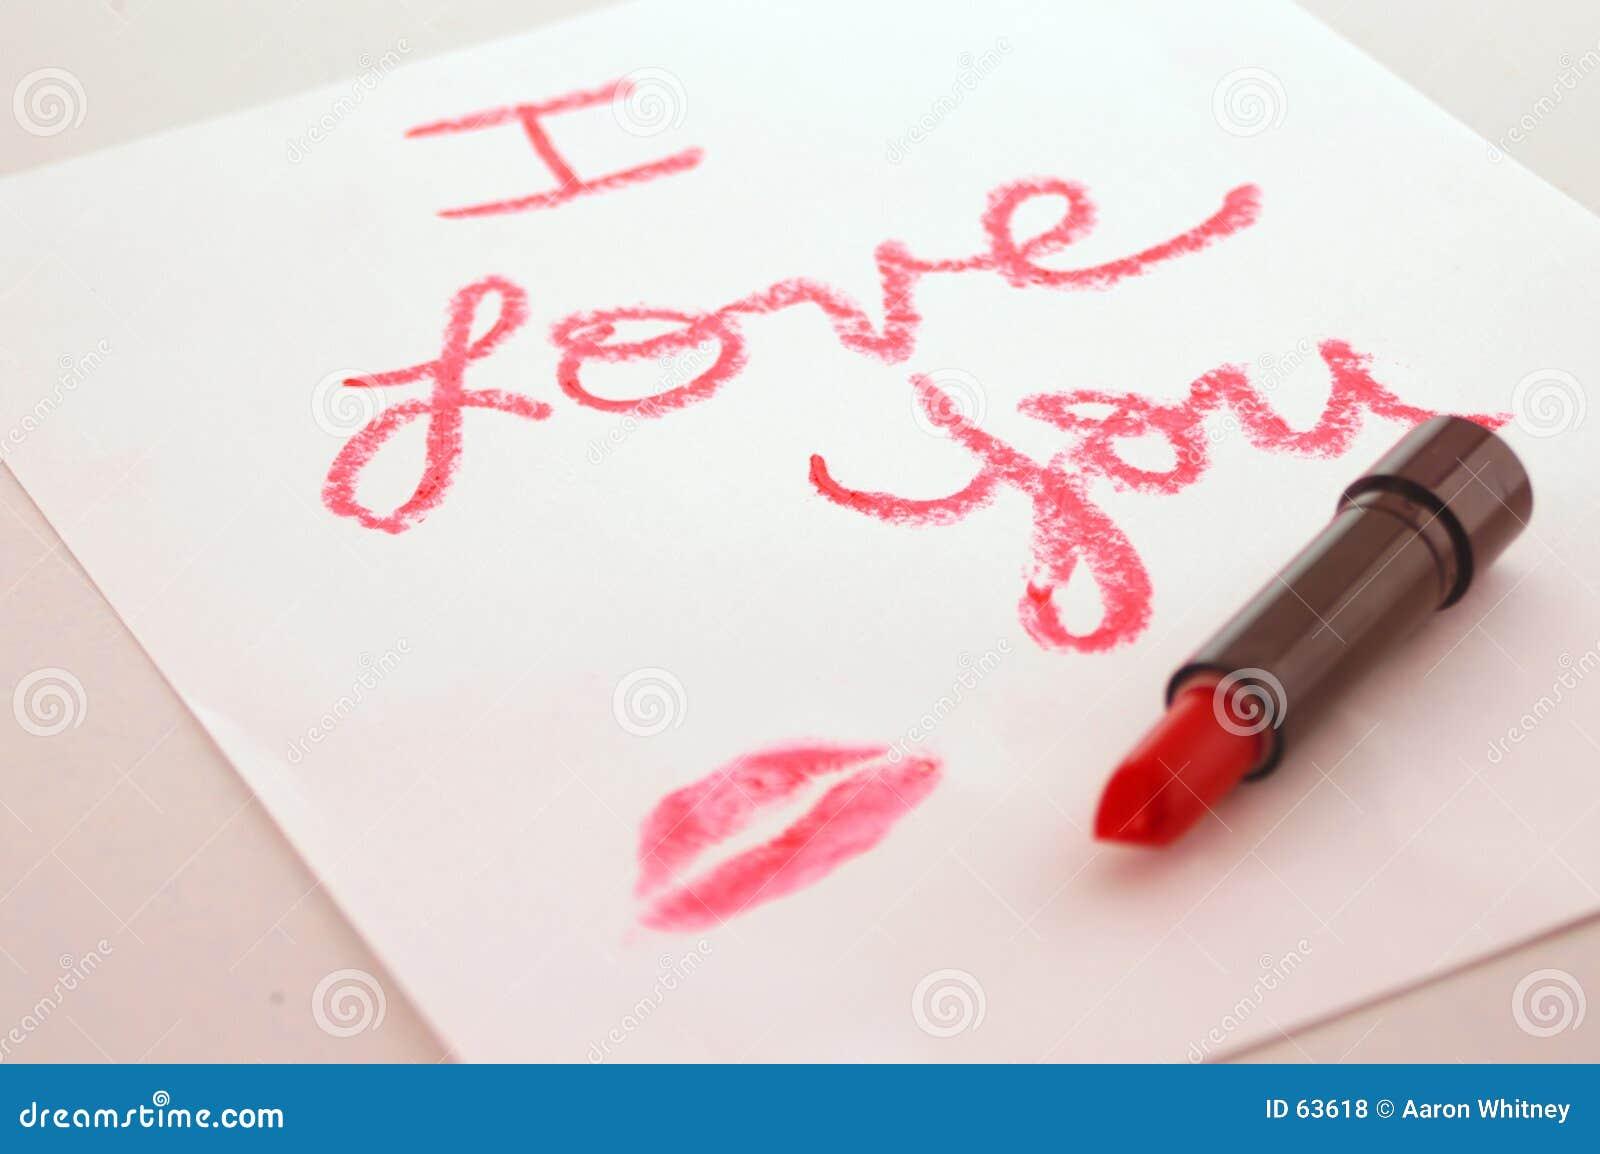 Ik houd van u lippenstift